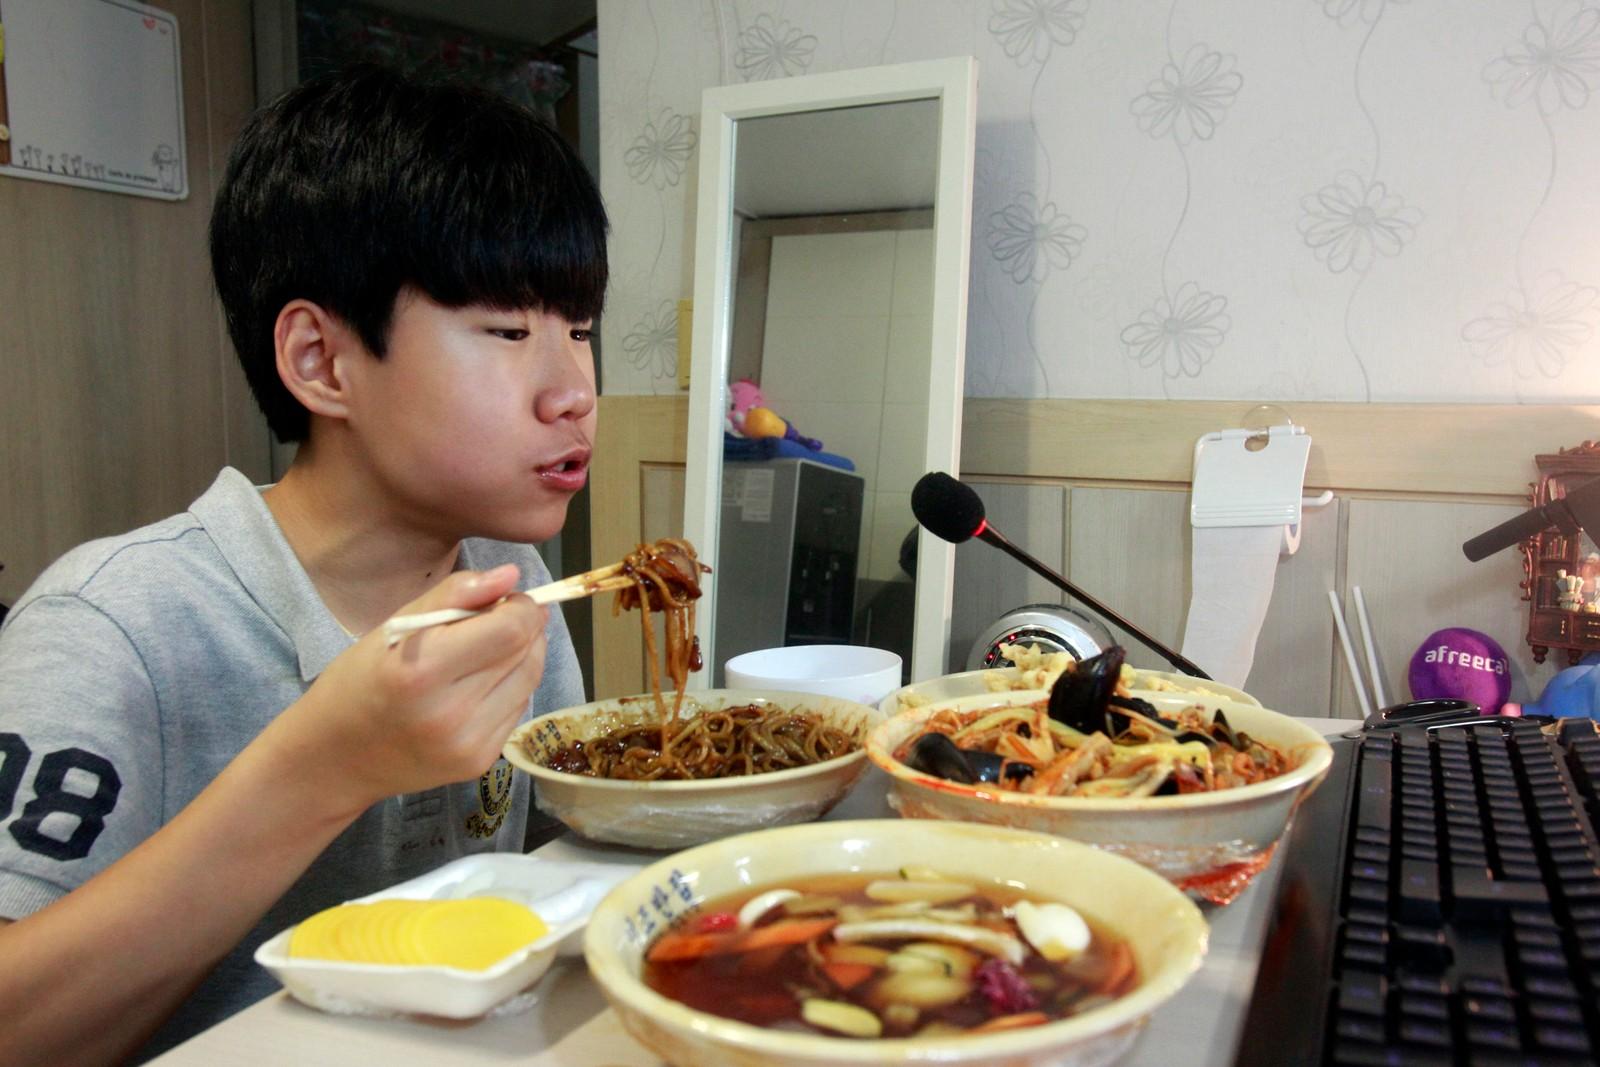 Sørkoreanske Kim Sung-jin (14) streamer seg selv mens han spiser kinesisk take-away på rommet sitt i Seoul. Flere hundre, av og til tusener, følger visstnok hans daglige matinntak mens de chatter sammen med seg selv og hovedpersonen. Under kallenavnet Patoo sender han direkte via appen Afreeca, noe han sågar tjener penger på.